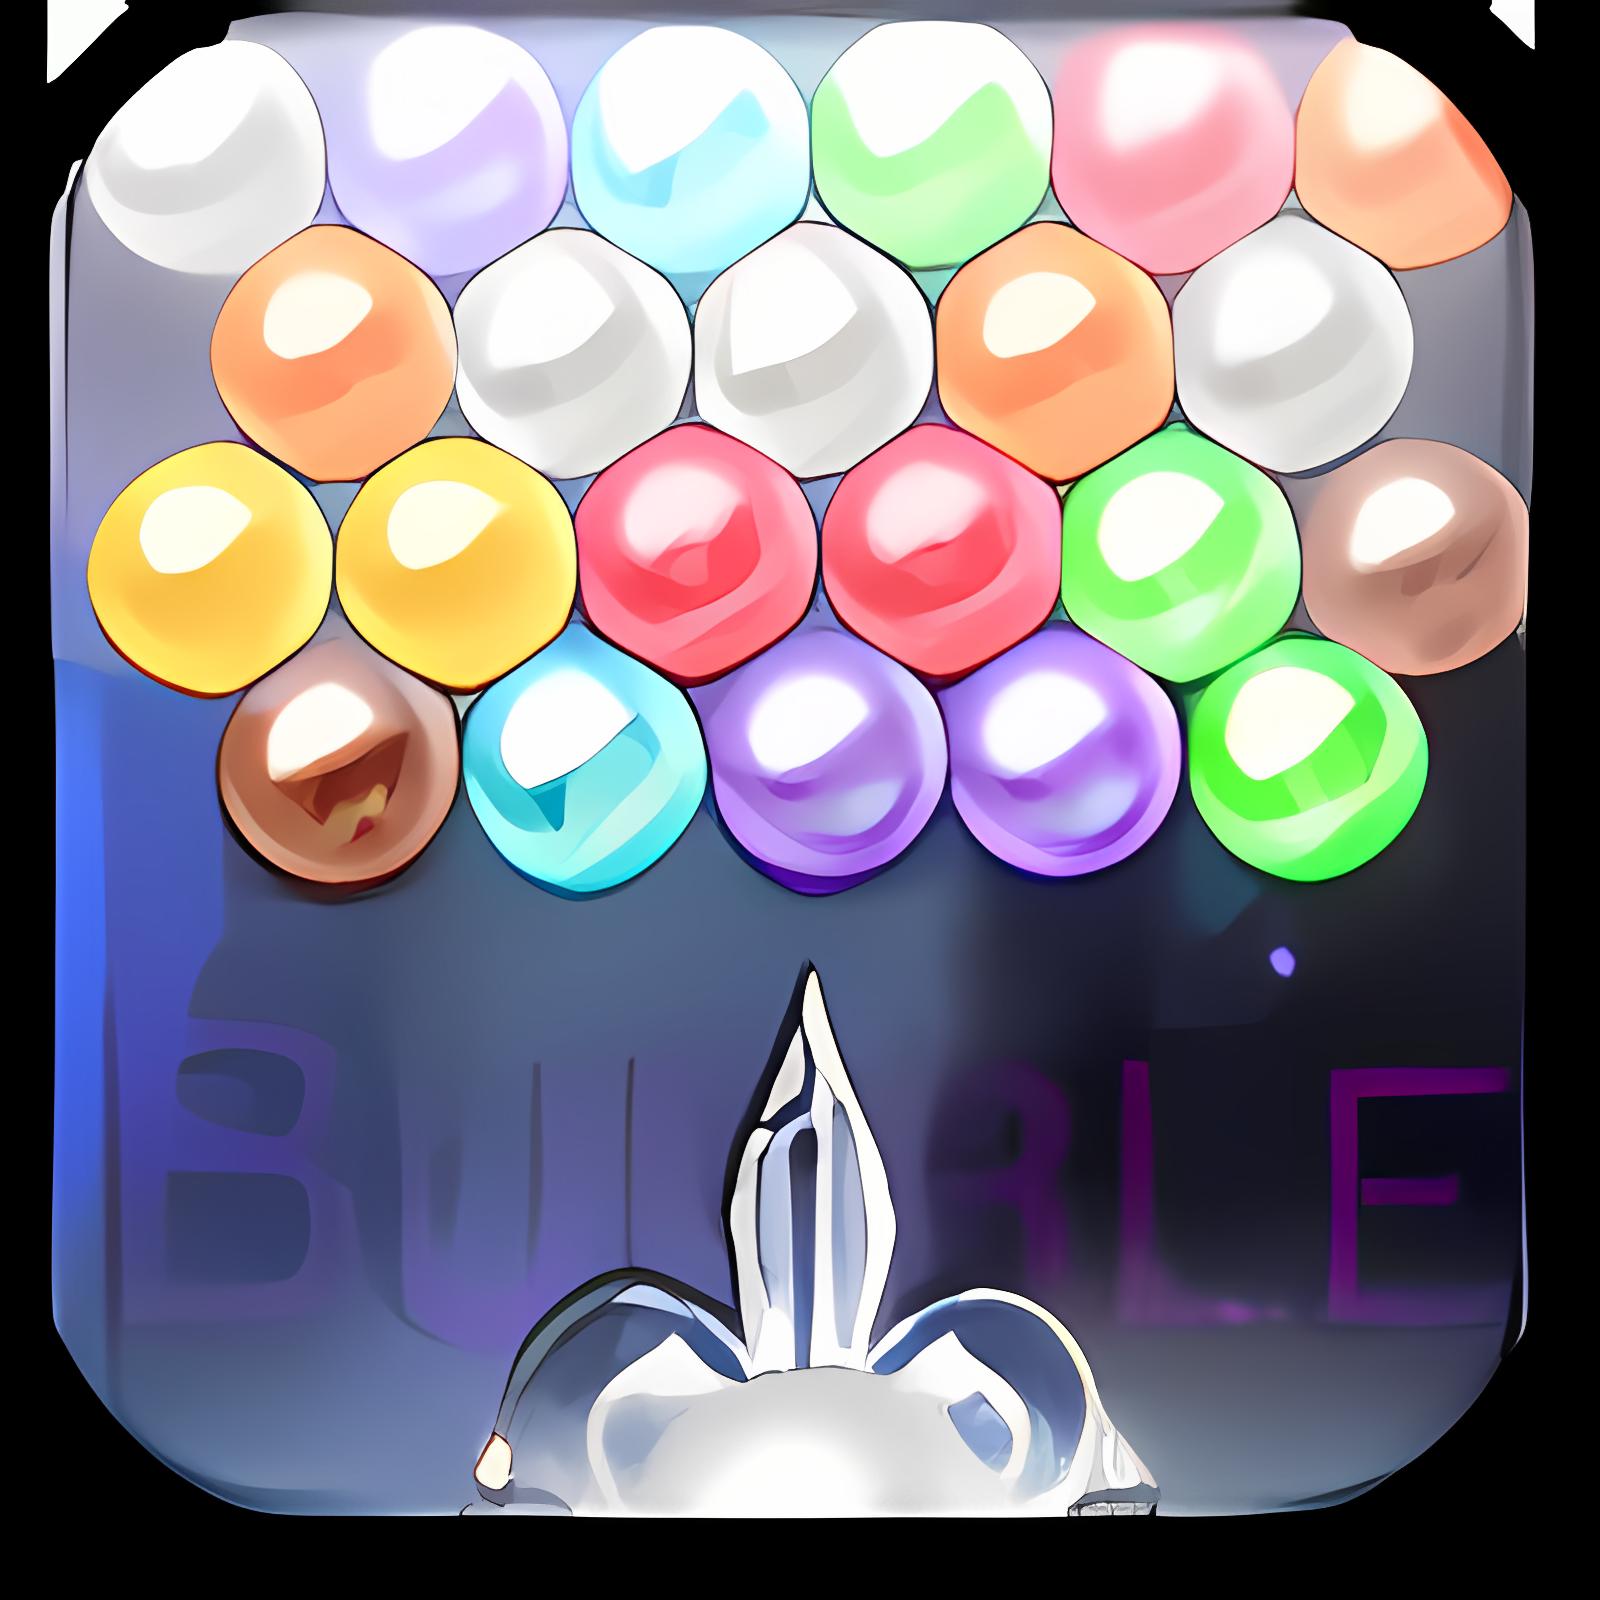 バブルシューターShoot Bubble Deluxe